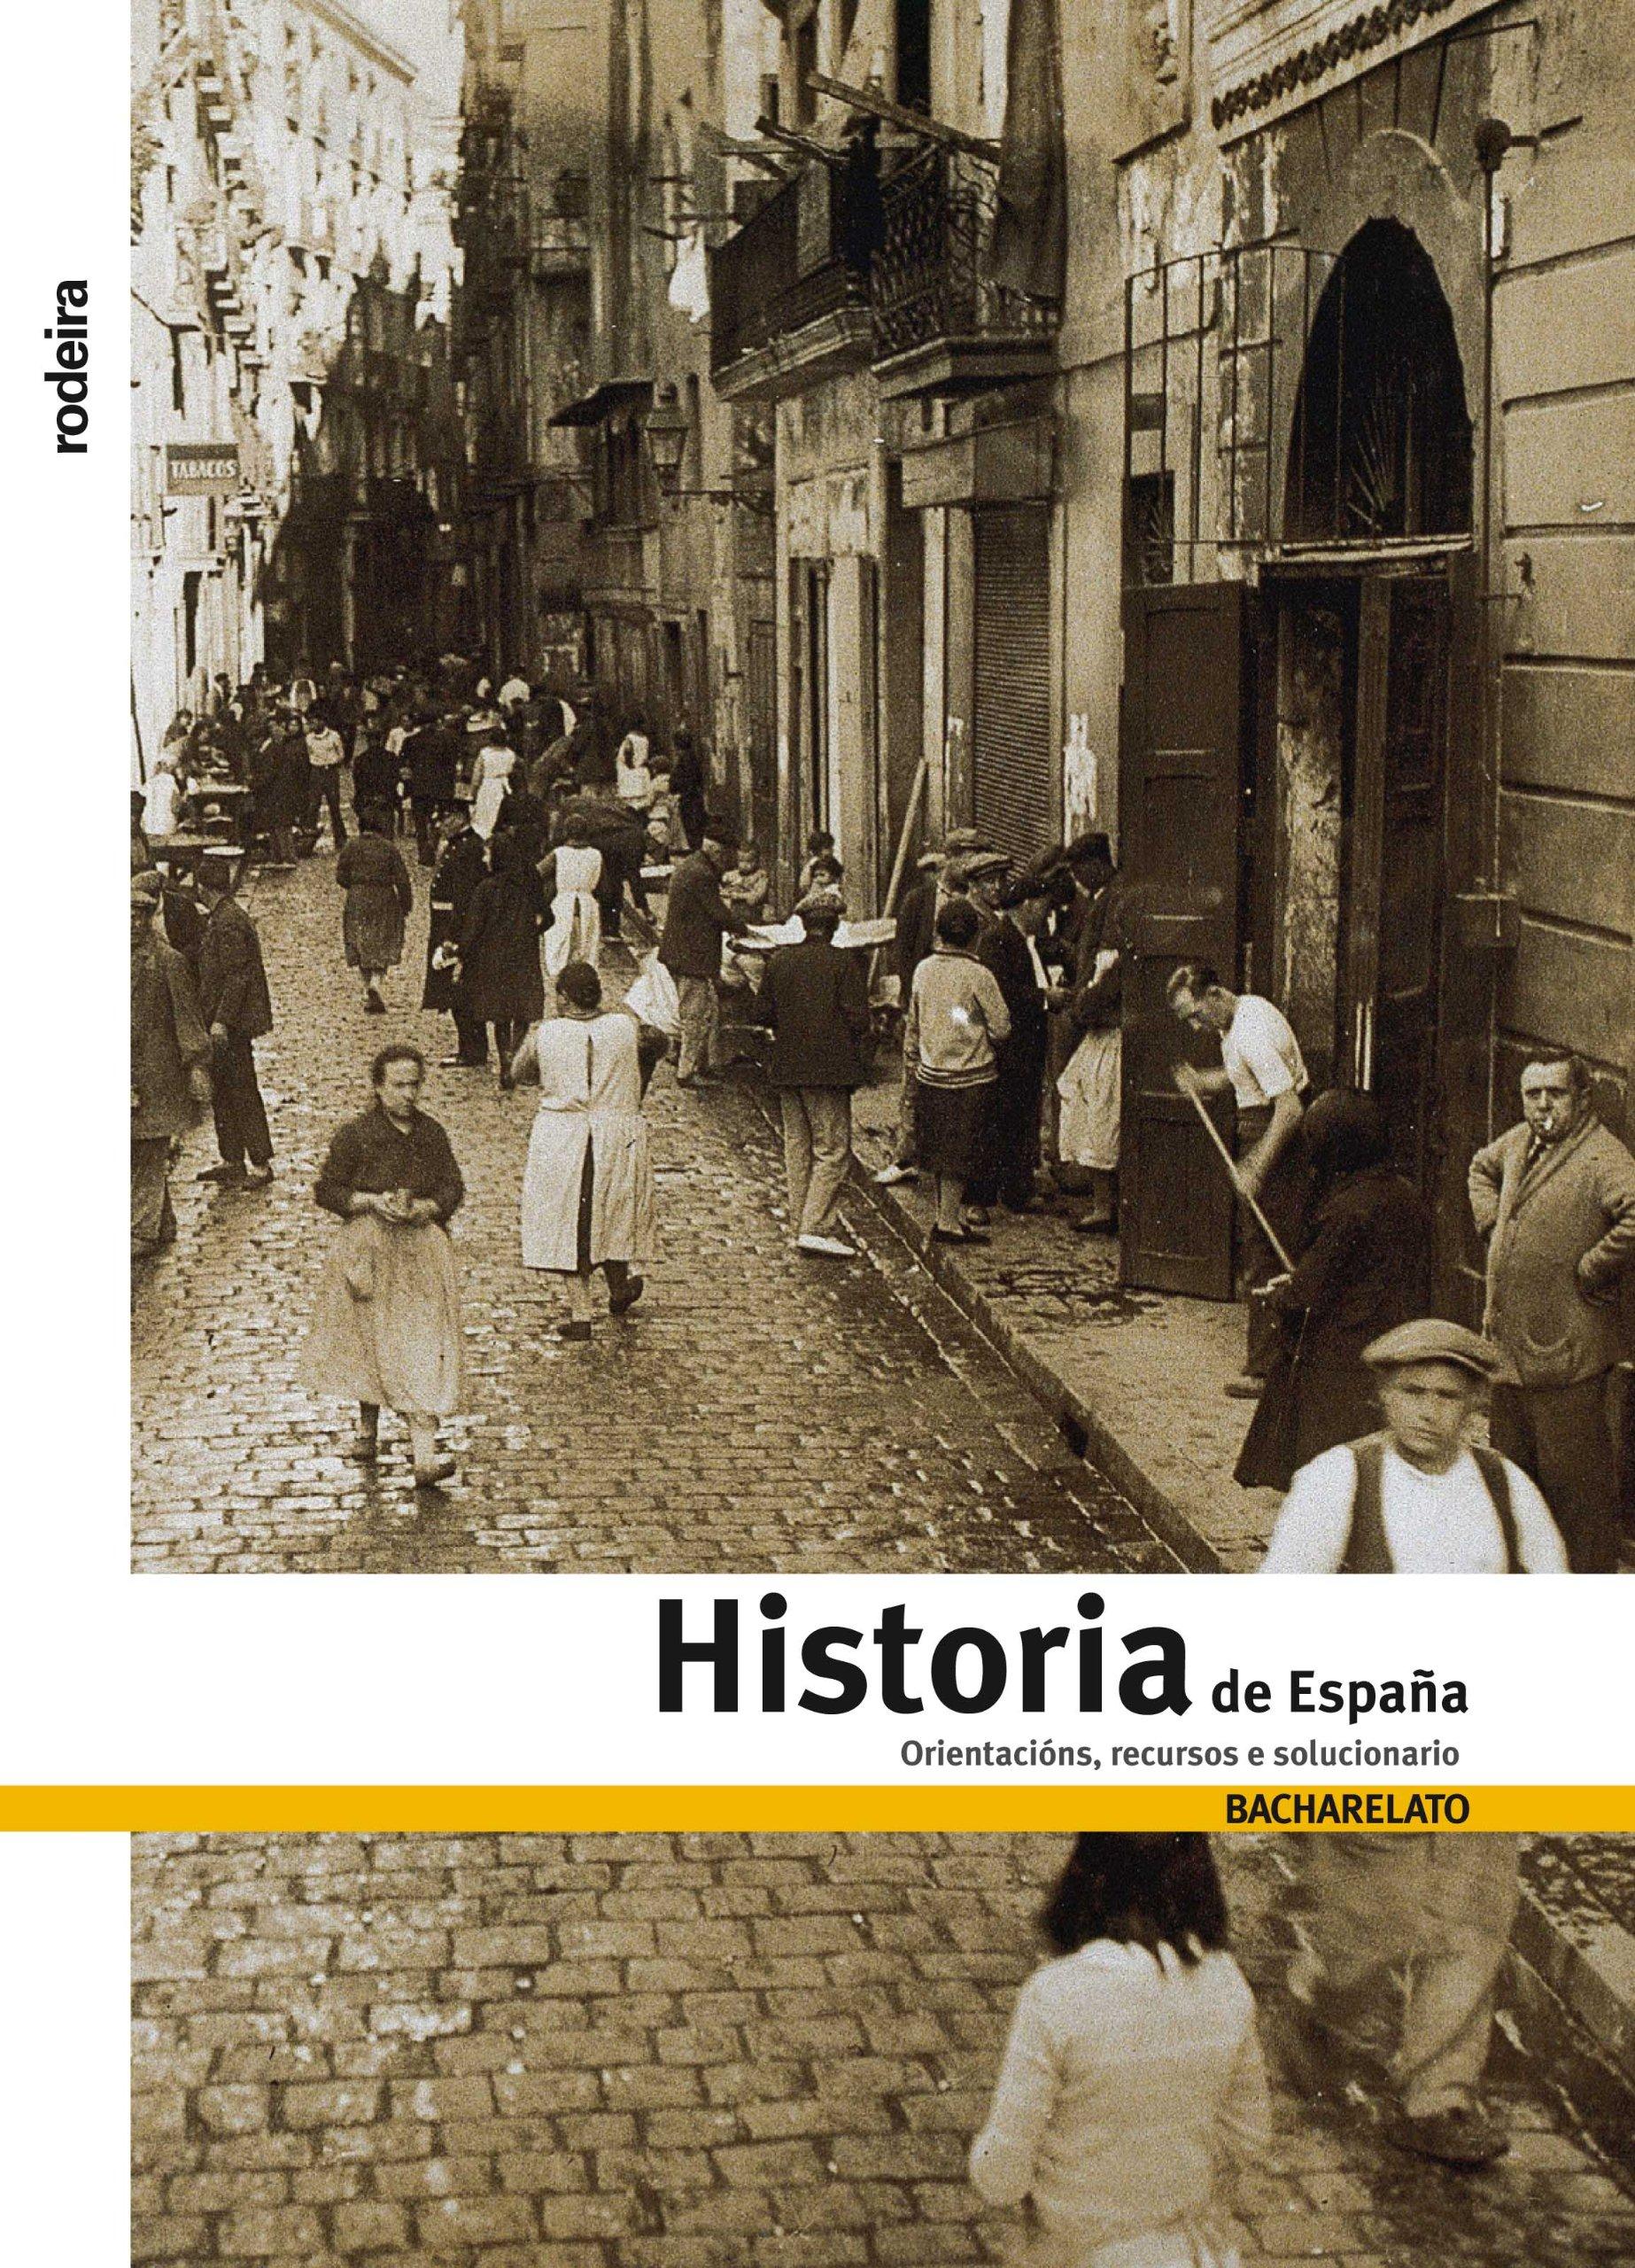 Orientacións, Recursos E Solucionario Historia de España - 9788483492352: Amazon.es: Edebé, Obra Colectiva: Libros